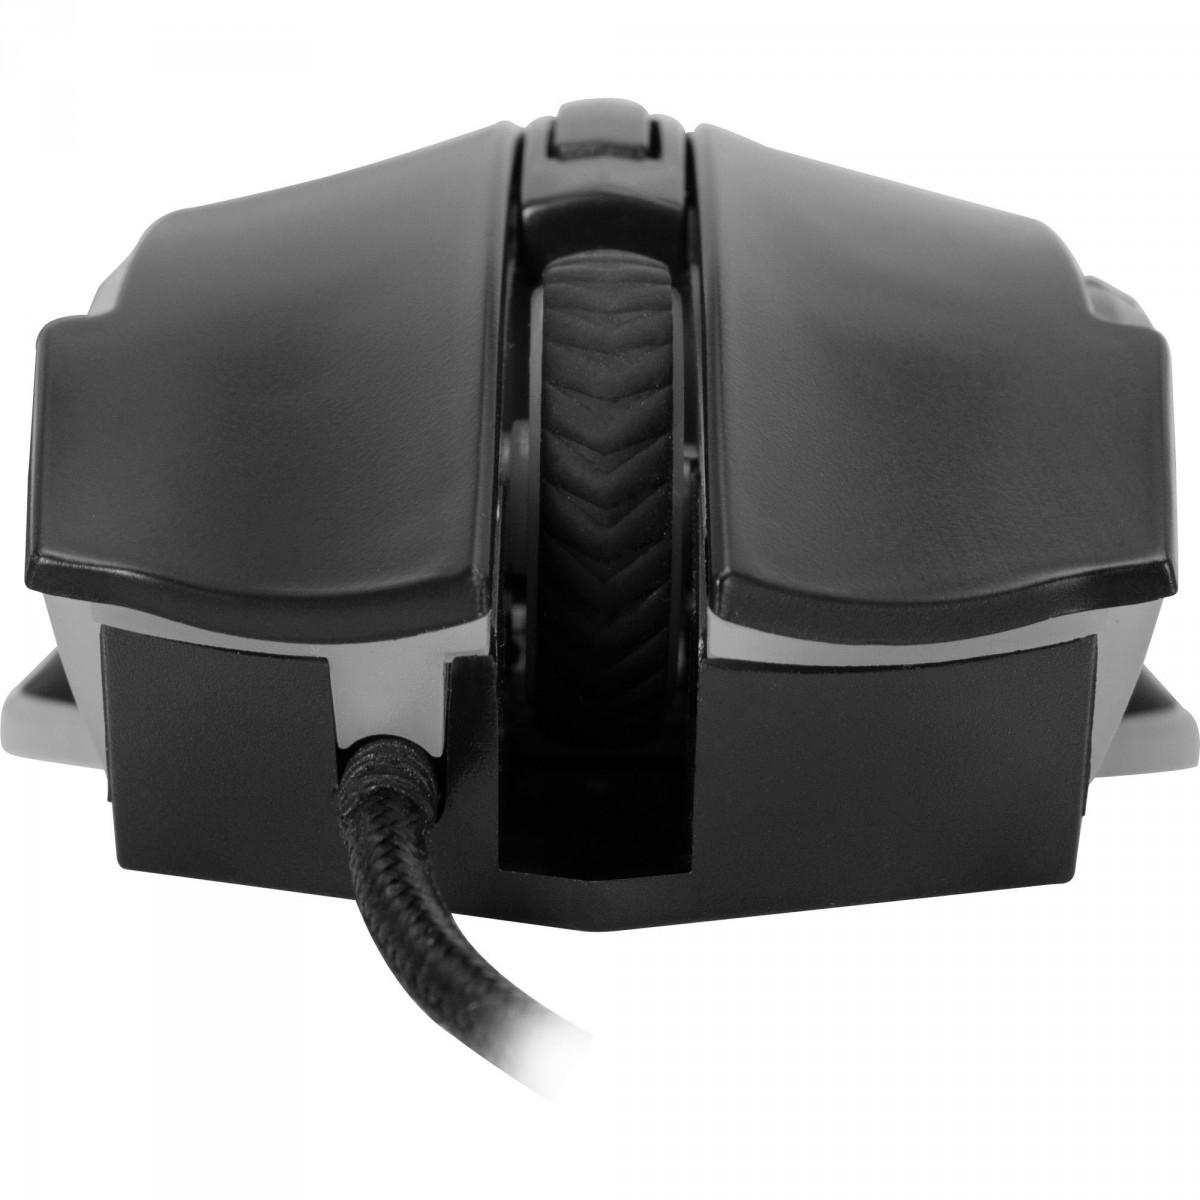 Mouse Gamer Fortrek Pro M5 RGB, 4800 DPI, 6 Botões, Black - Open Box